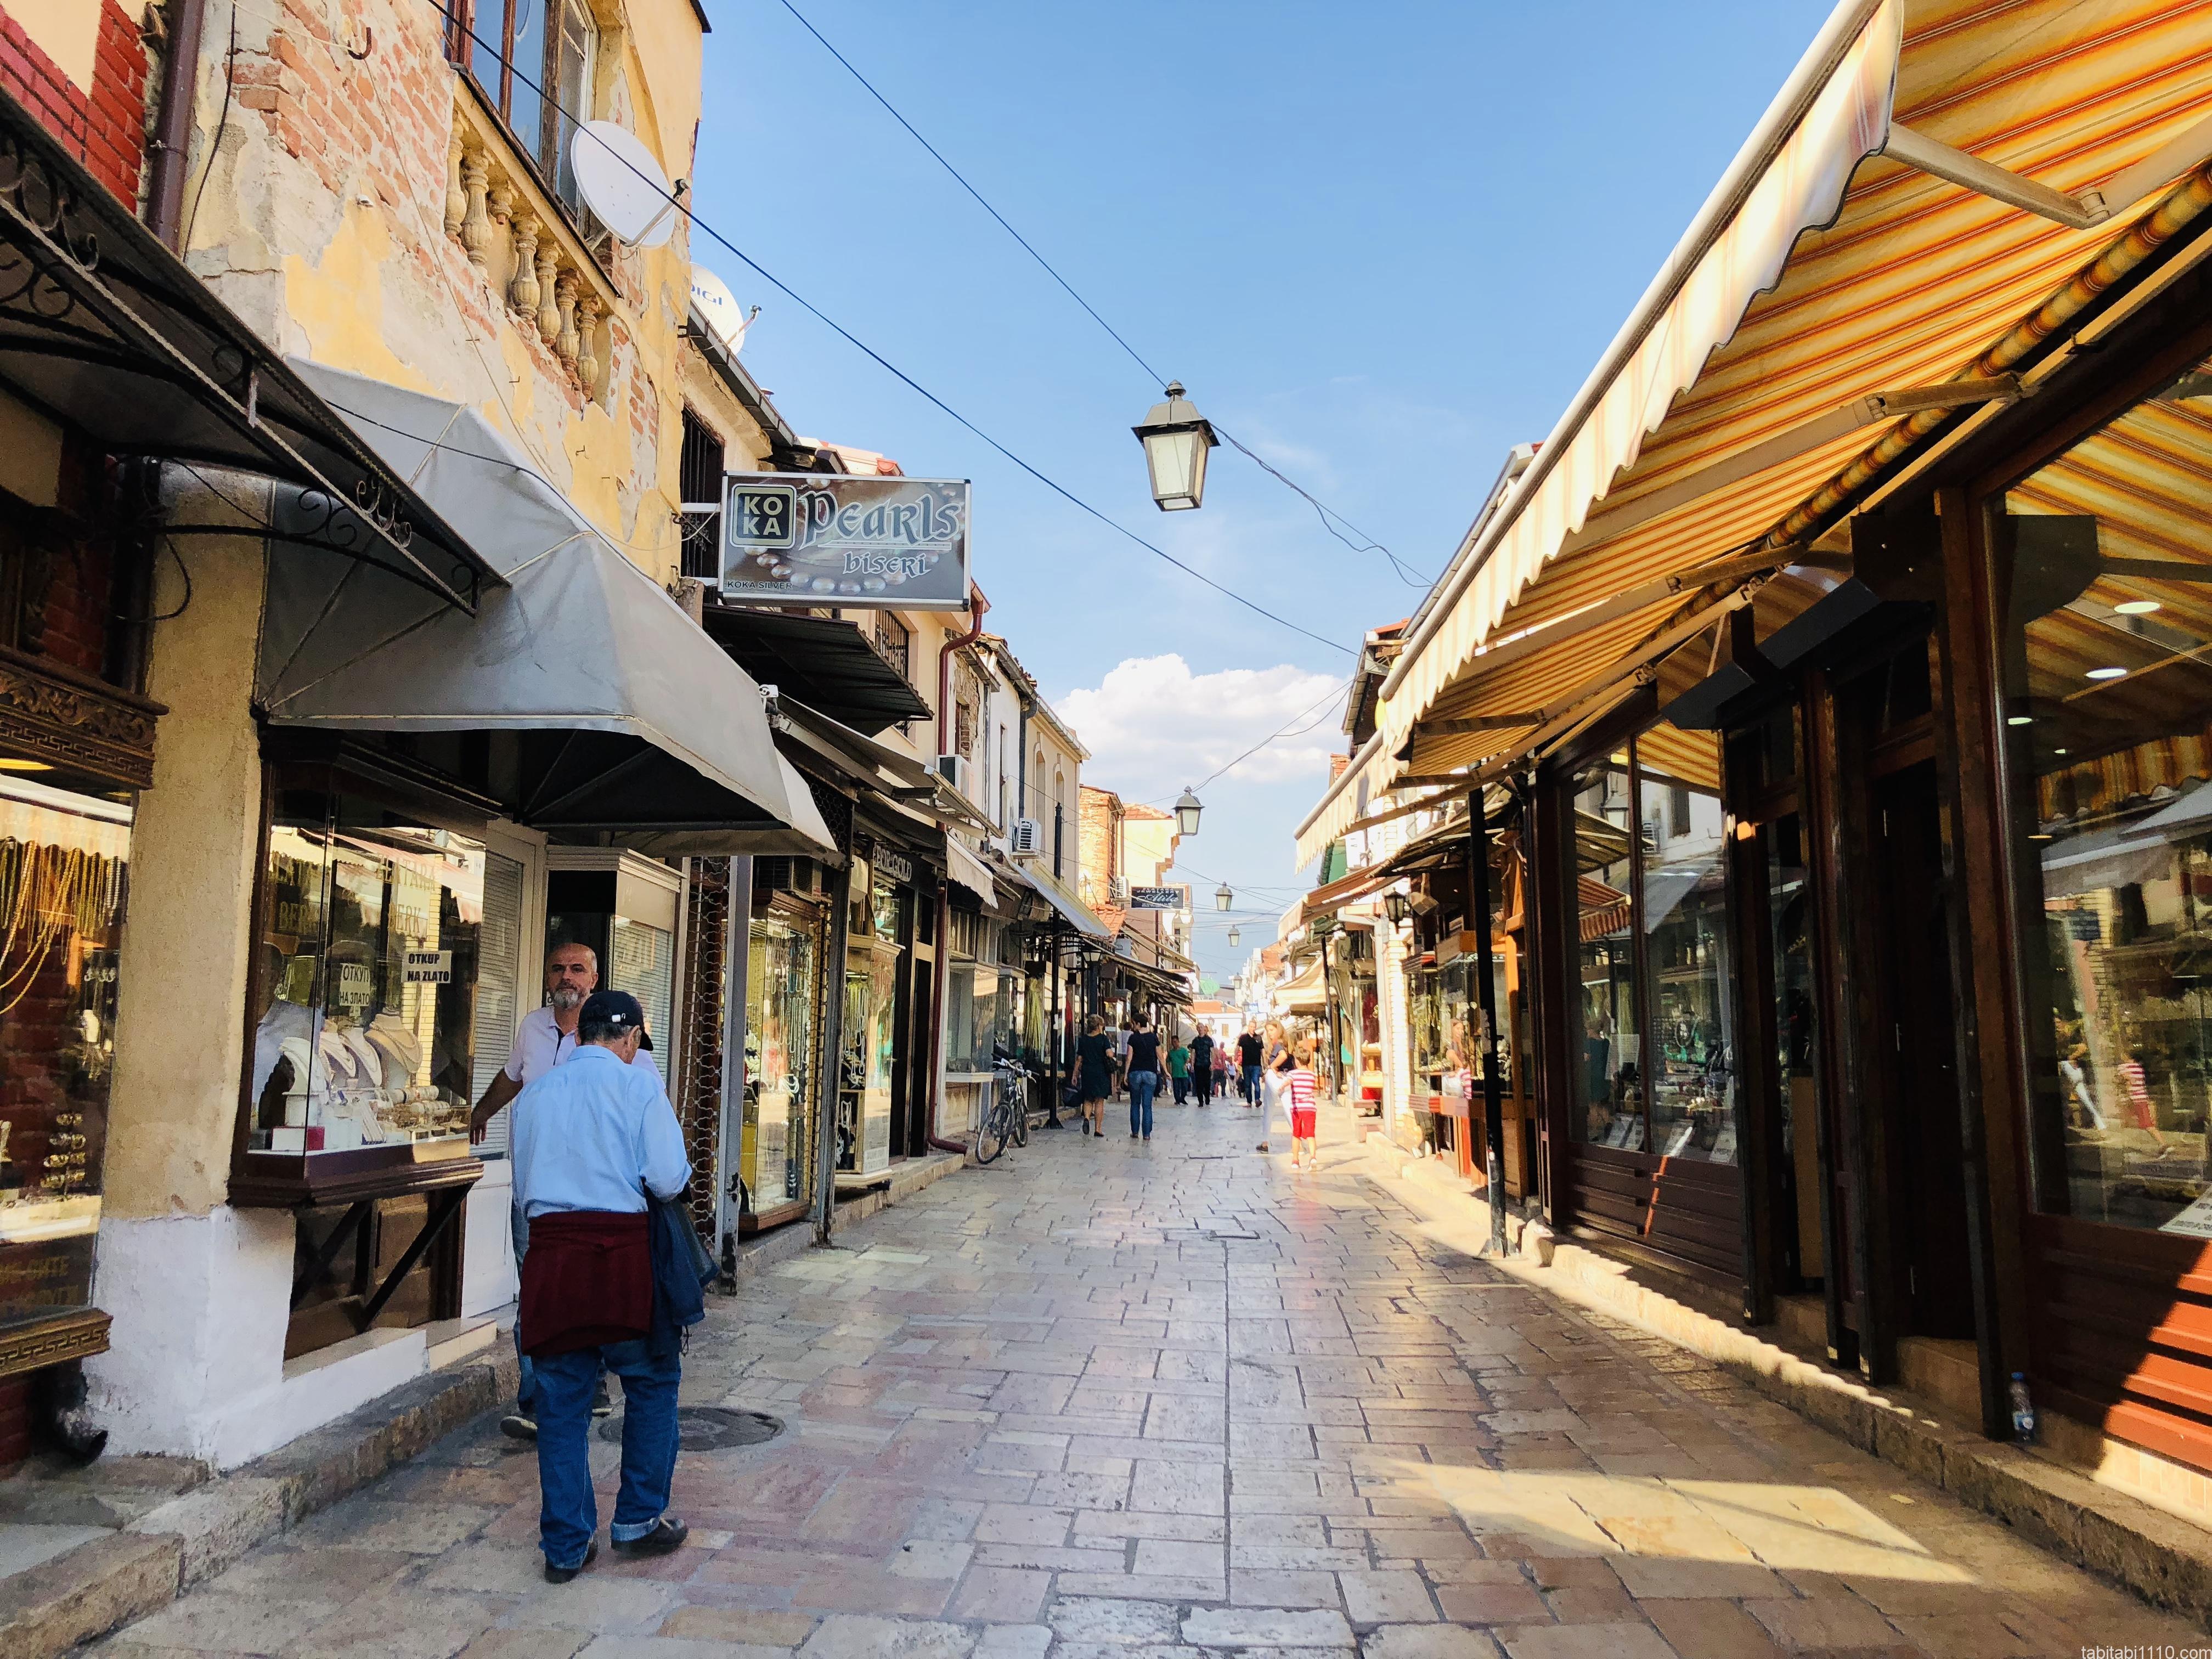 スコピエの街並み|旧市街